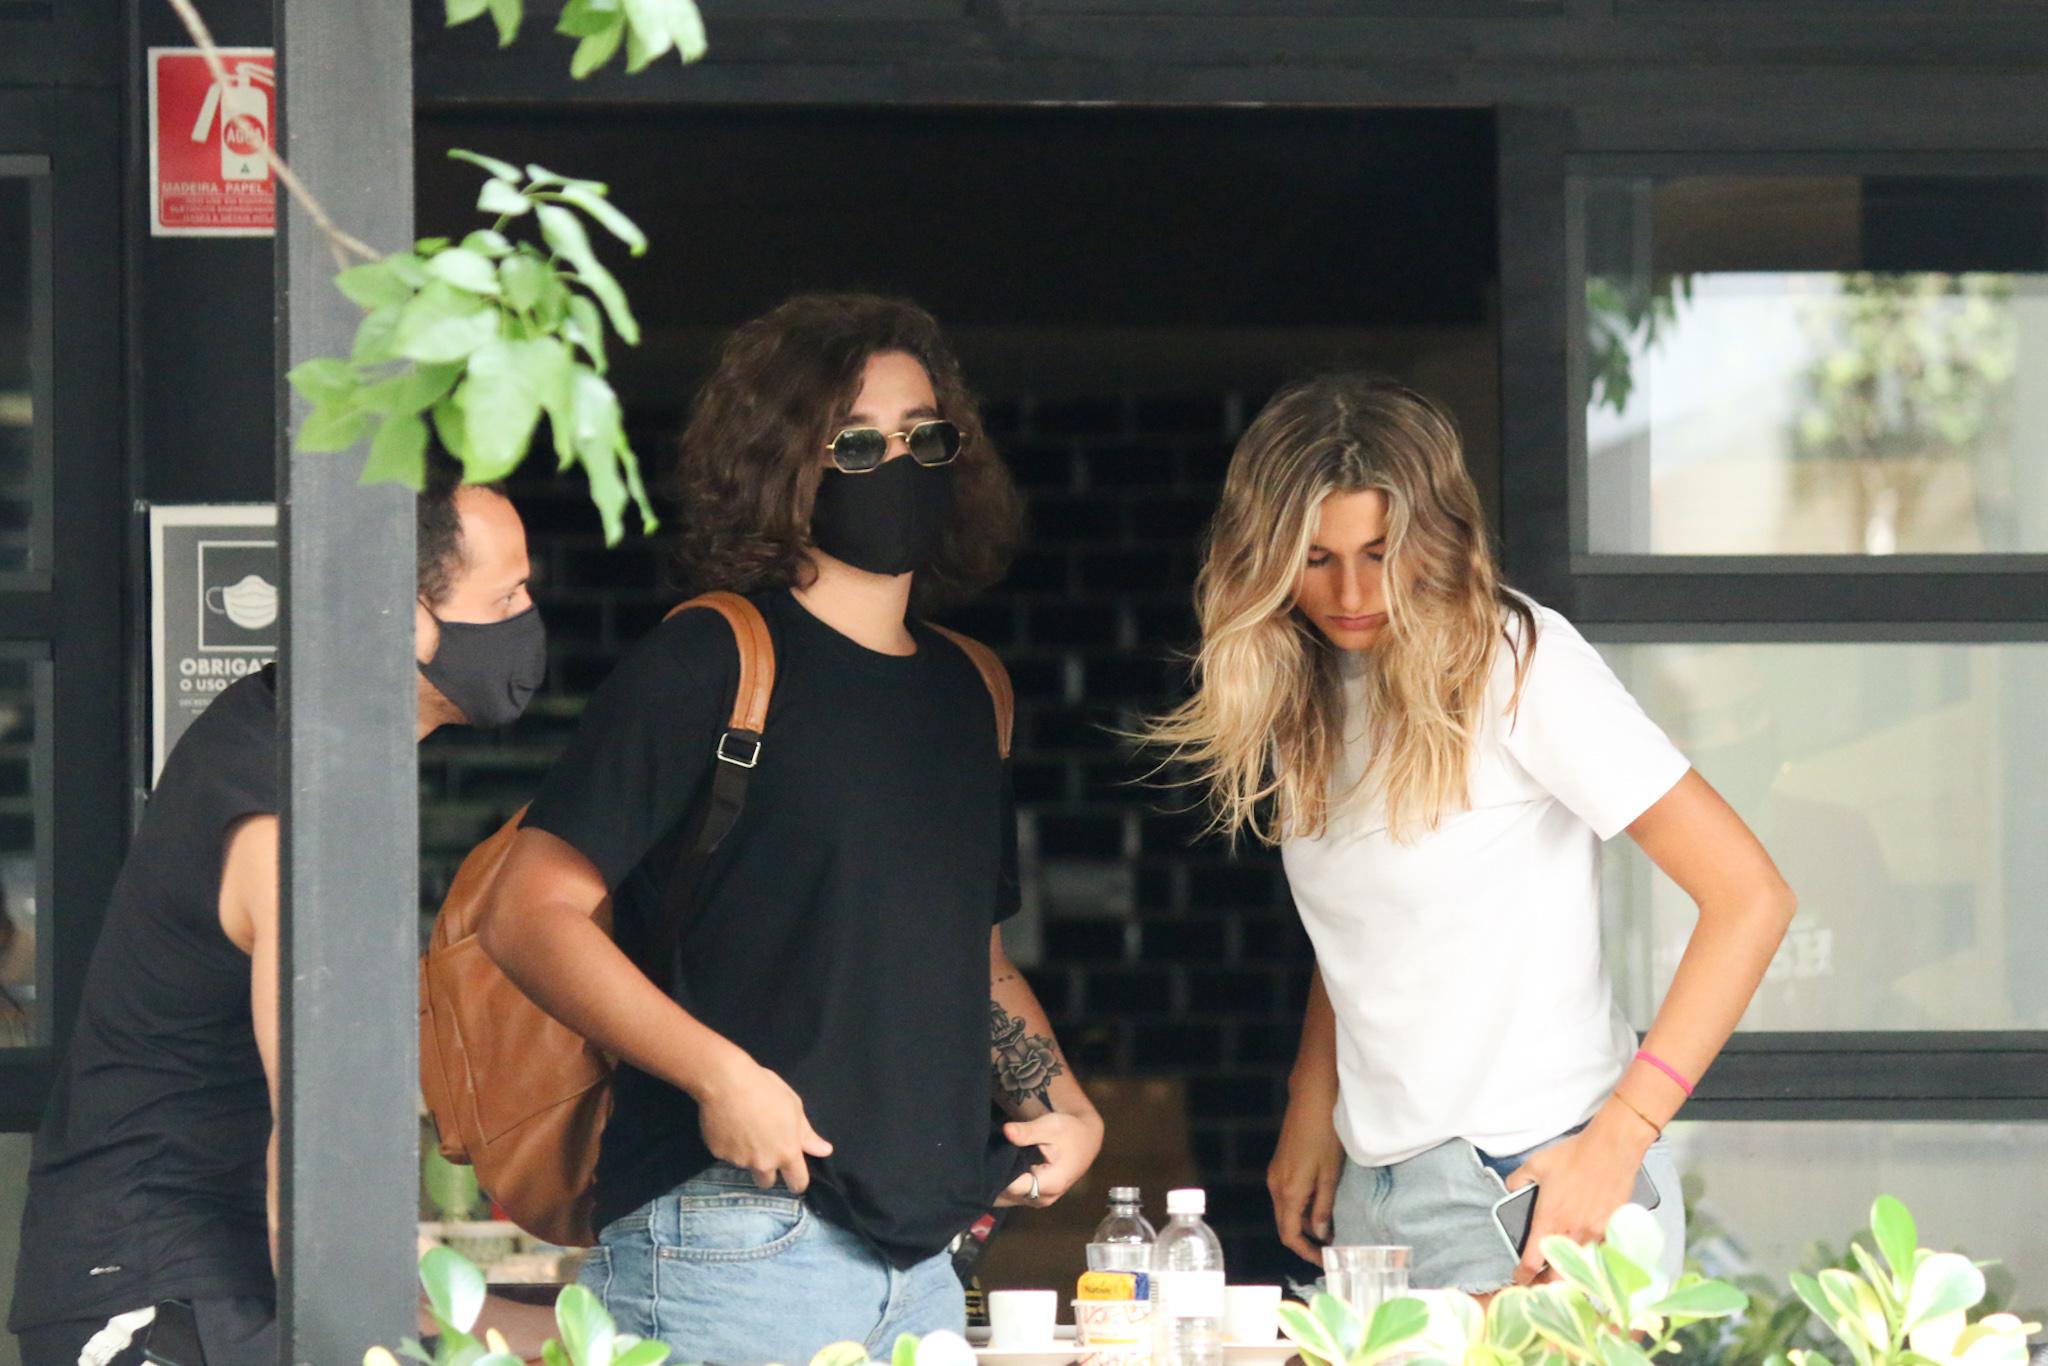 Com look básico, Sasha Meneghel almoça com o namorado em SP